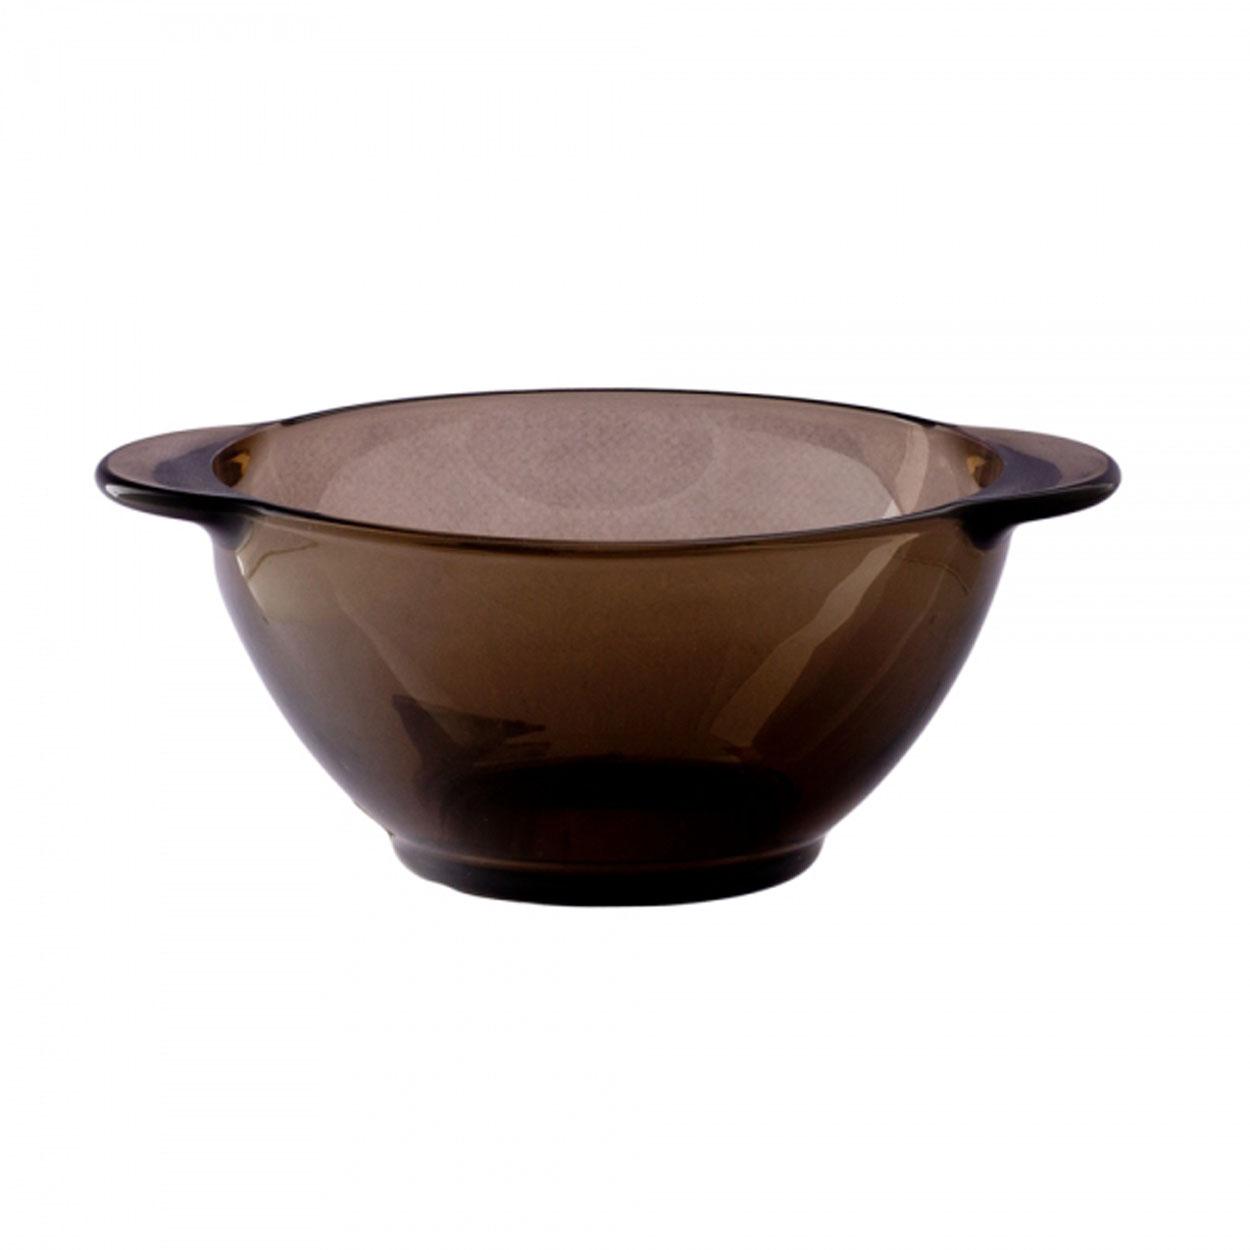 Бульонница Luminarc, 250 мл. H850454 009312Бульонница Luminarc станет изюминкой вашего стола. Необычный коричнево-дымчатый цвет придает ей особой оригинальности и неповторимости.Можно мыть в посудомоечной машине и использовать в СВЧ.Объем бульонницы: 250 мл.